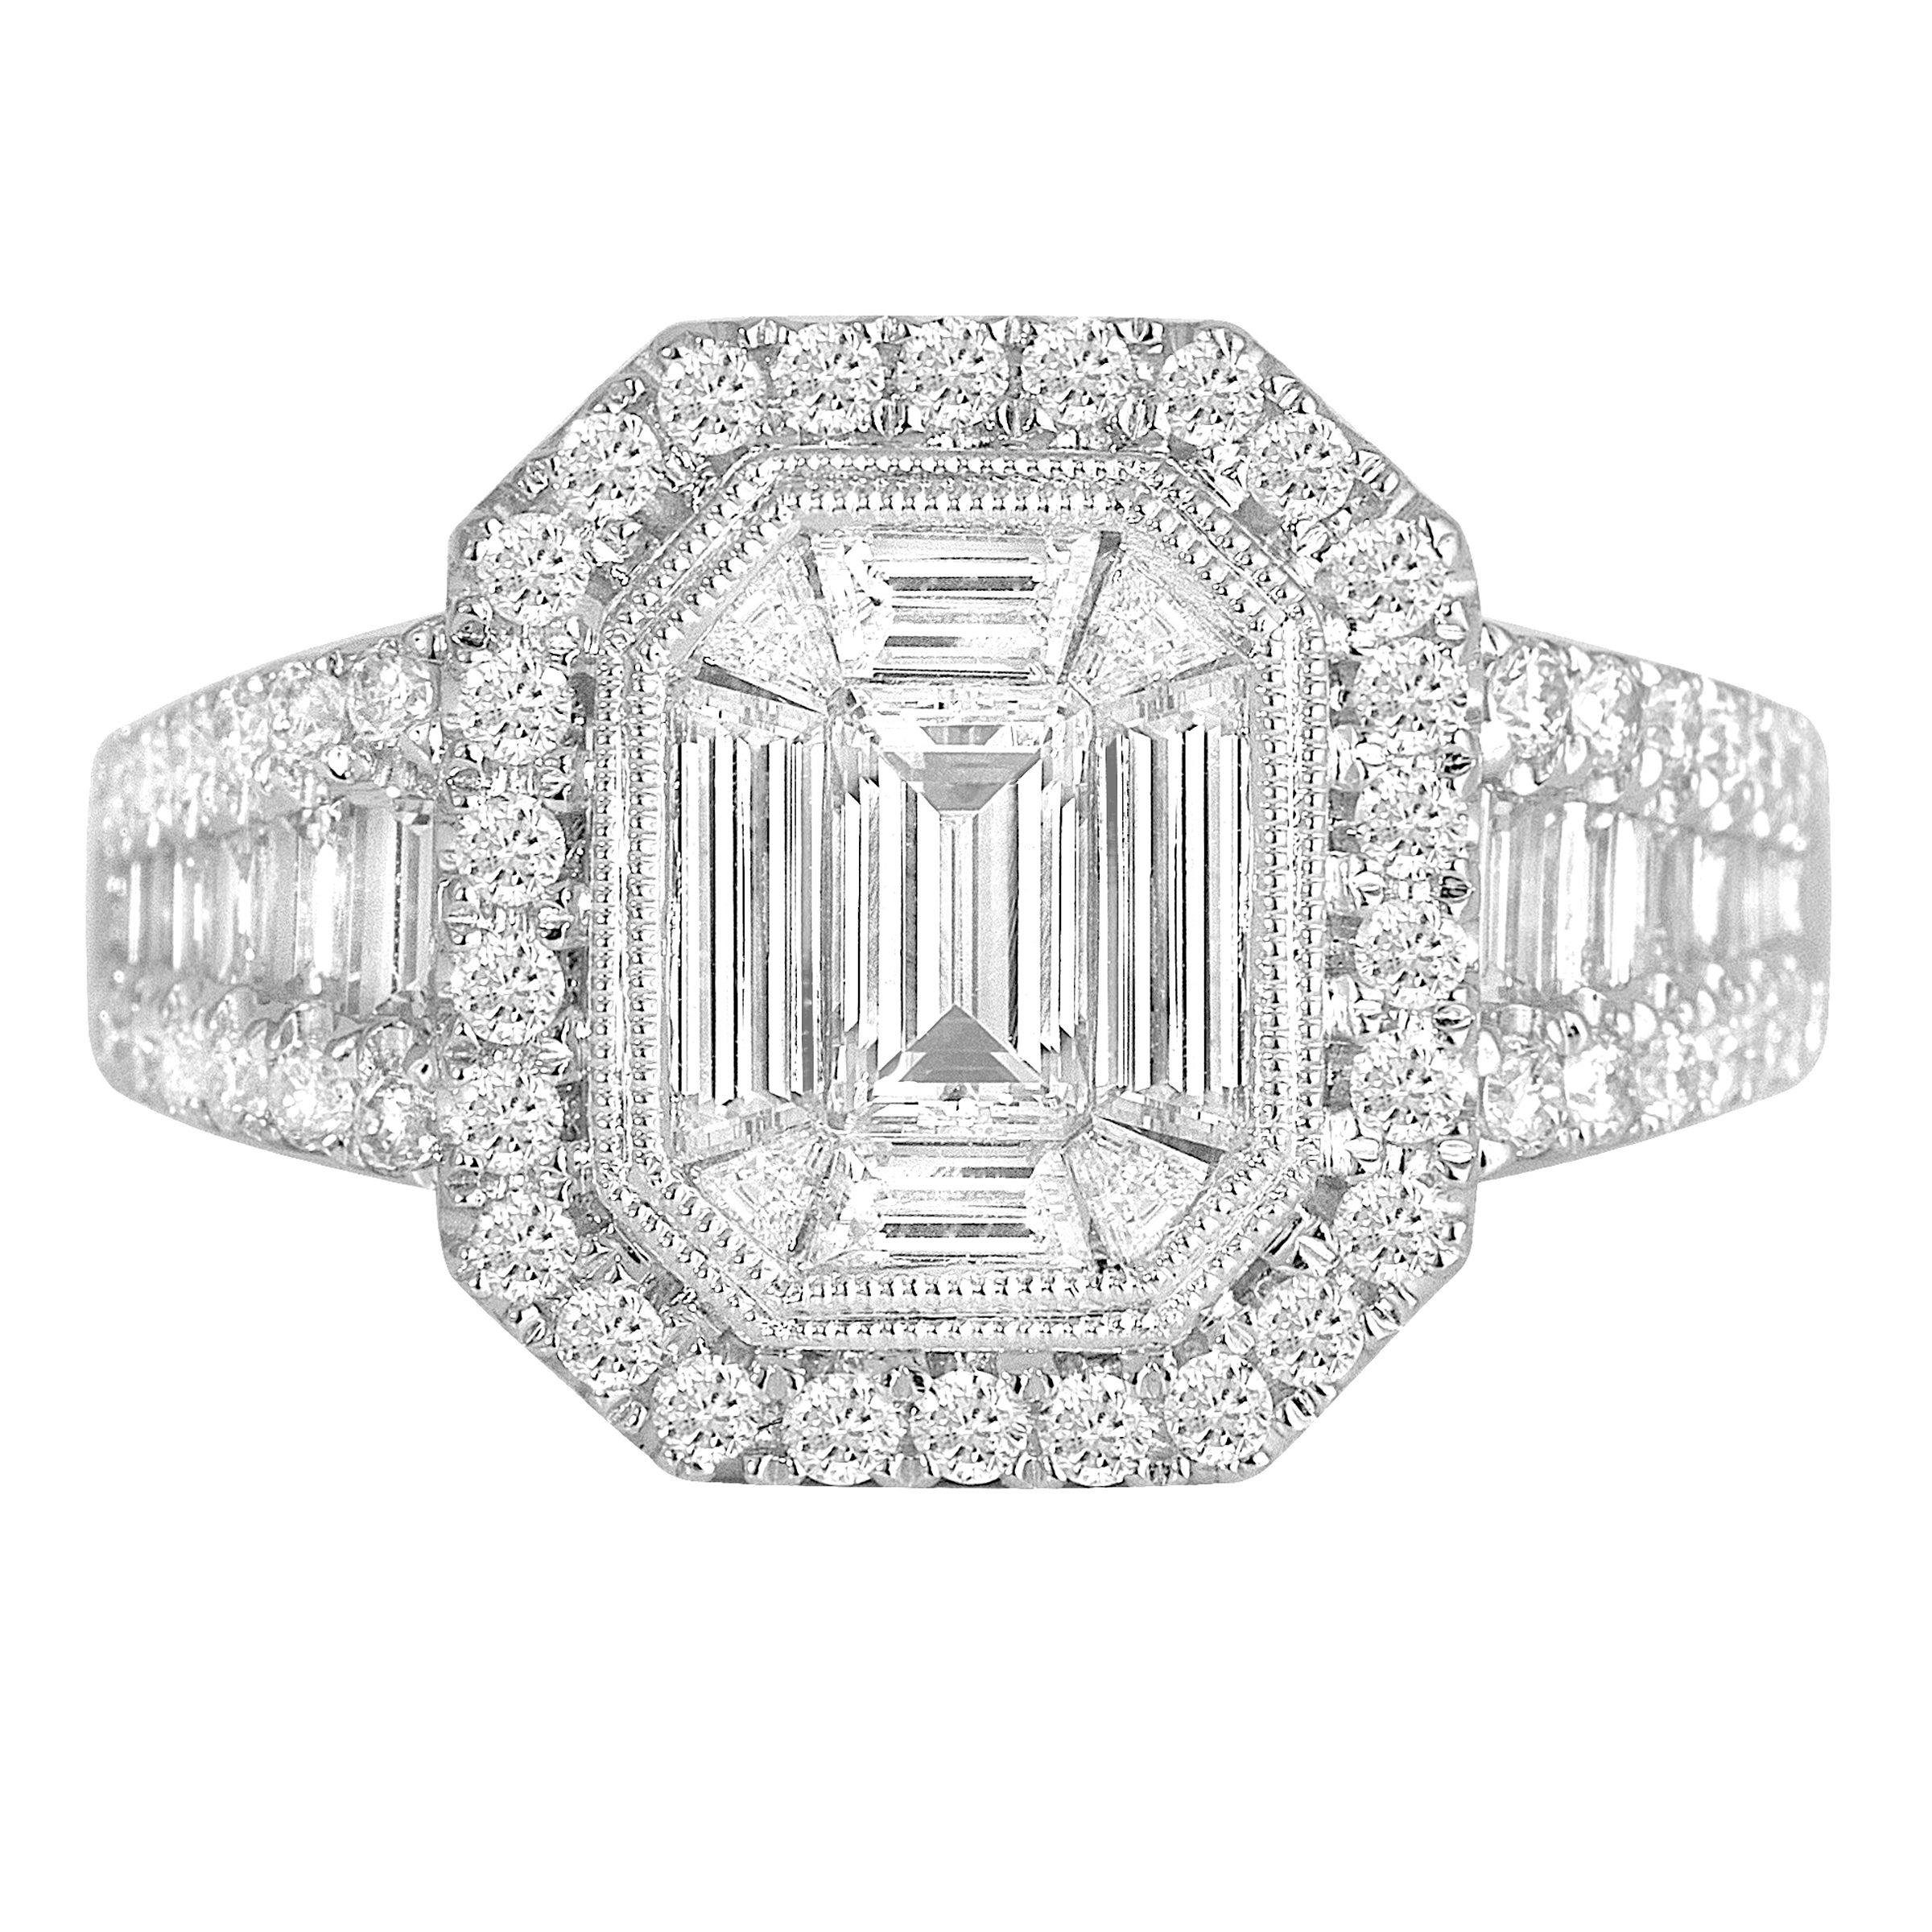 DiamondTown 1.37 Carat Diamond Engagement Bridal Cluster Ring in 18 K White Gold